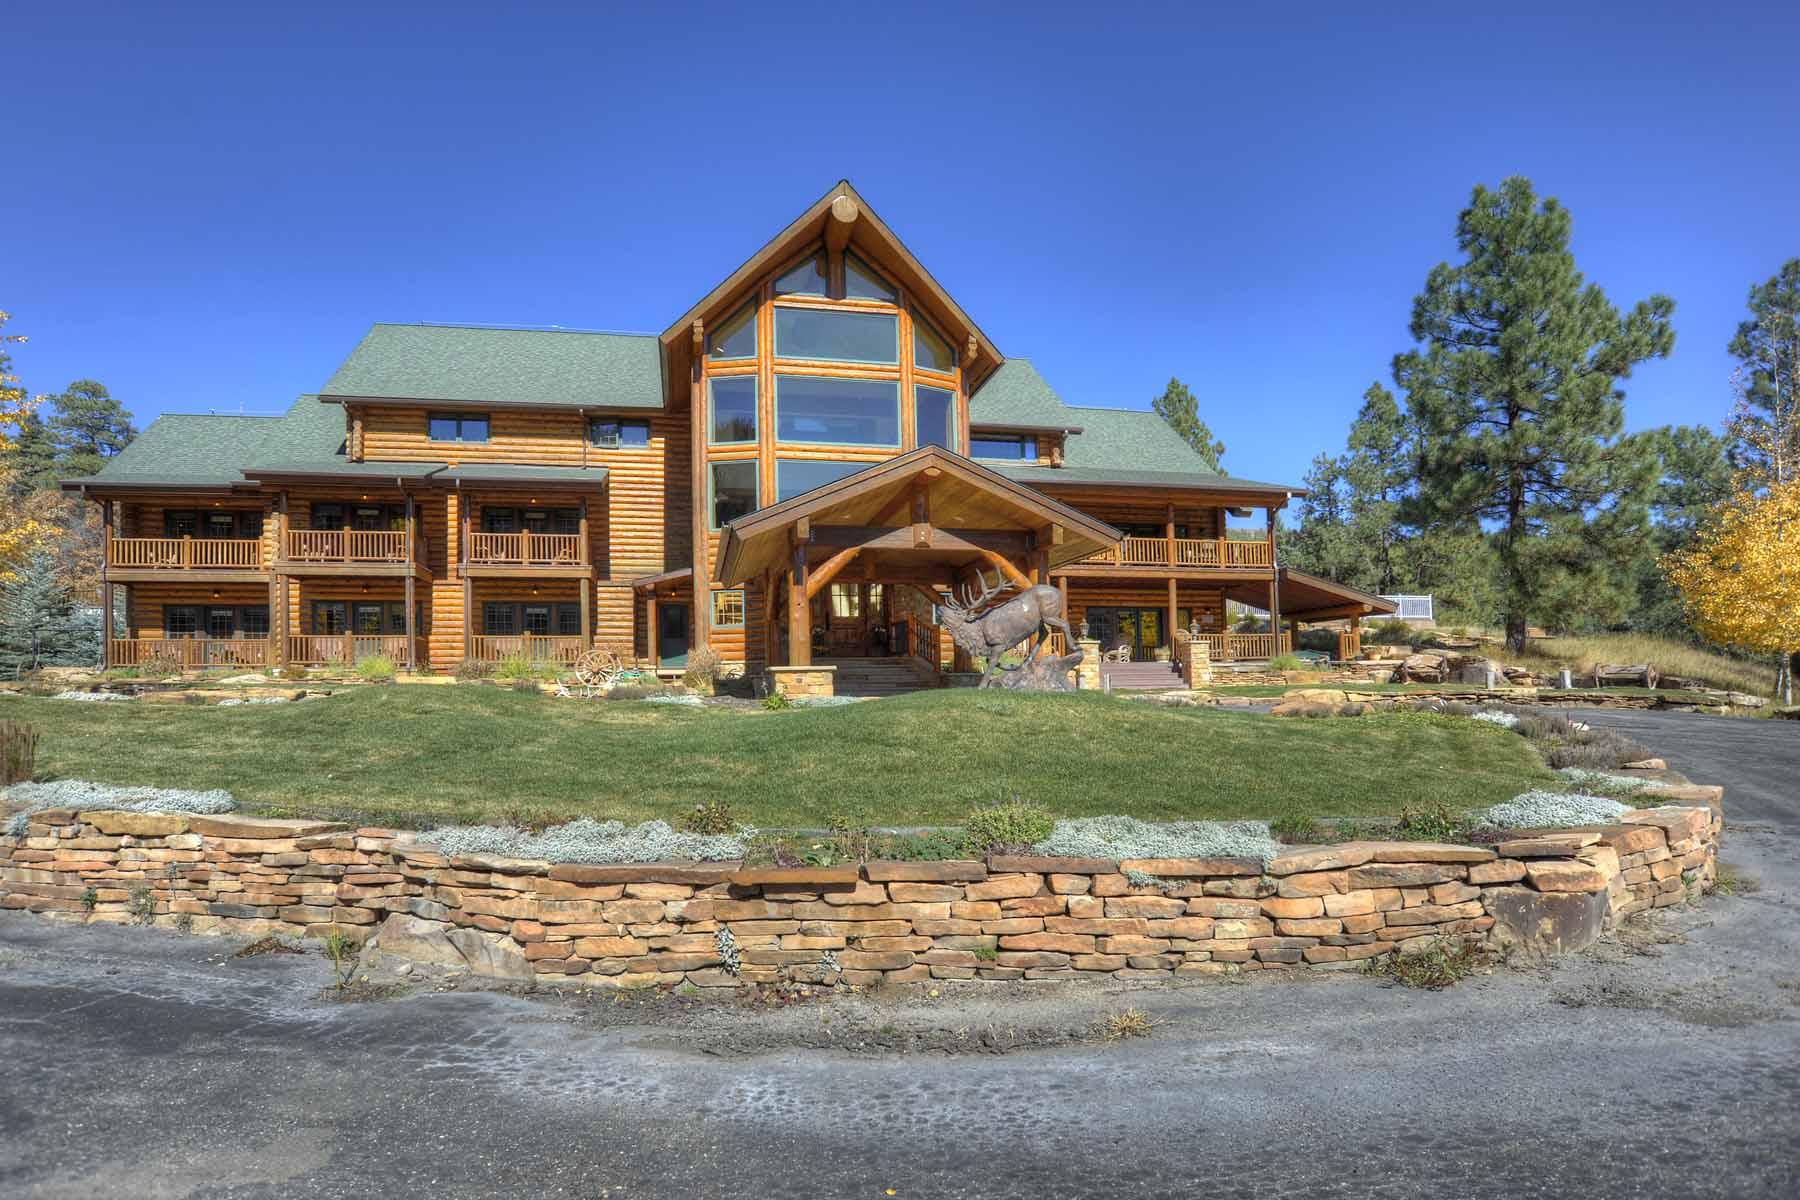 단독 가정 주택 용 매매 에 Retreat at Thunder Ridge 14688 CR 240 Durango, 콜로라도, 81301 미국